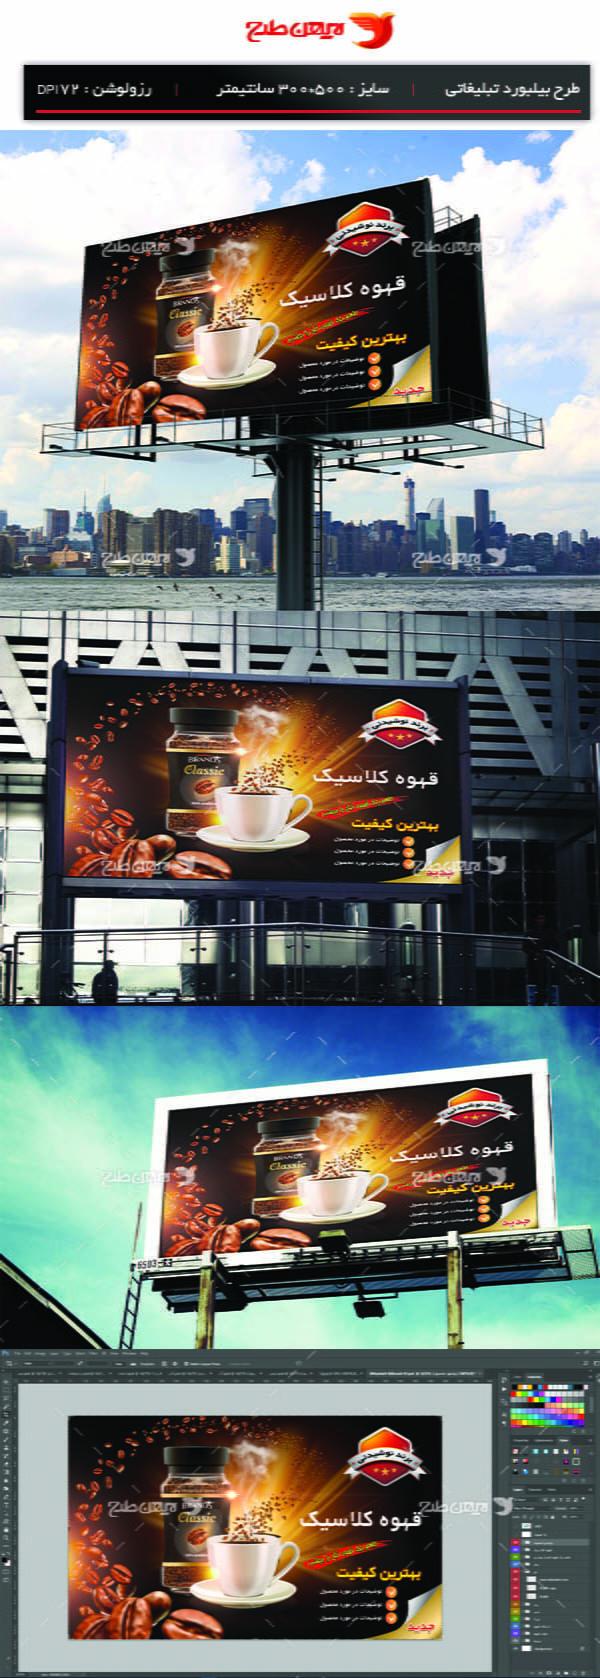 طرح بیلبورد تبلیغاتی فروش مواد غذایی -  برند قهوه